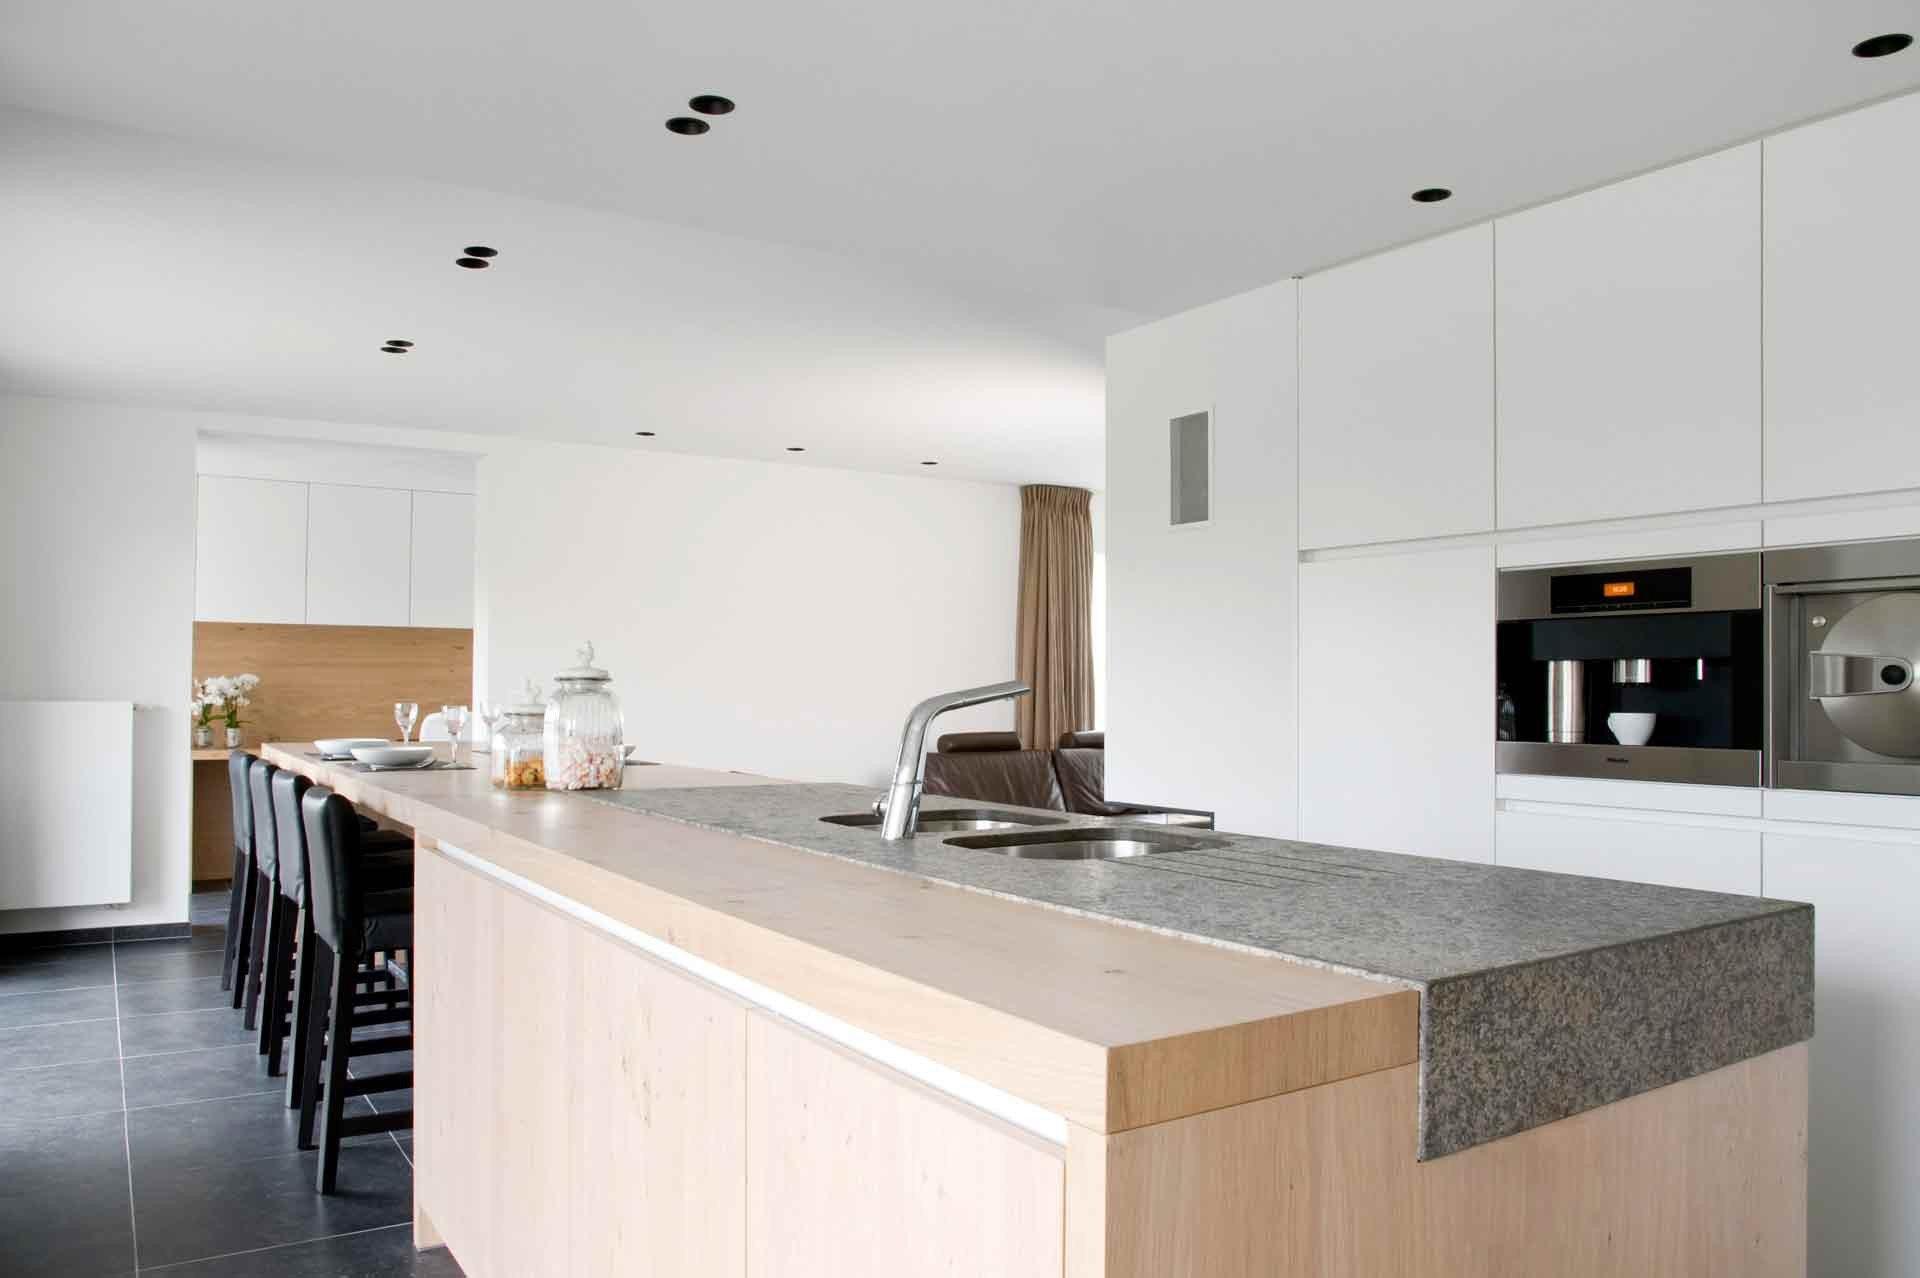 Totaalrichting-keuken-bureau-tvmeubel-MariaAalter-4.jpg